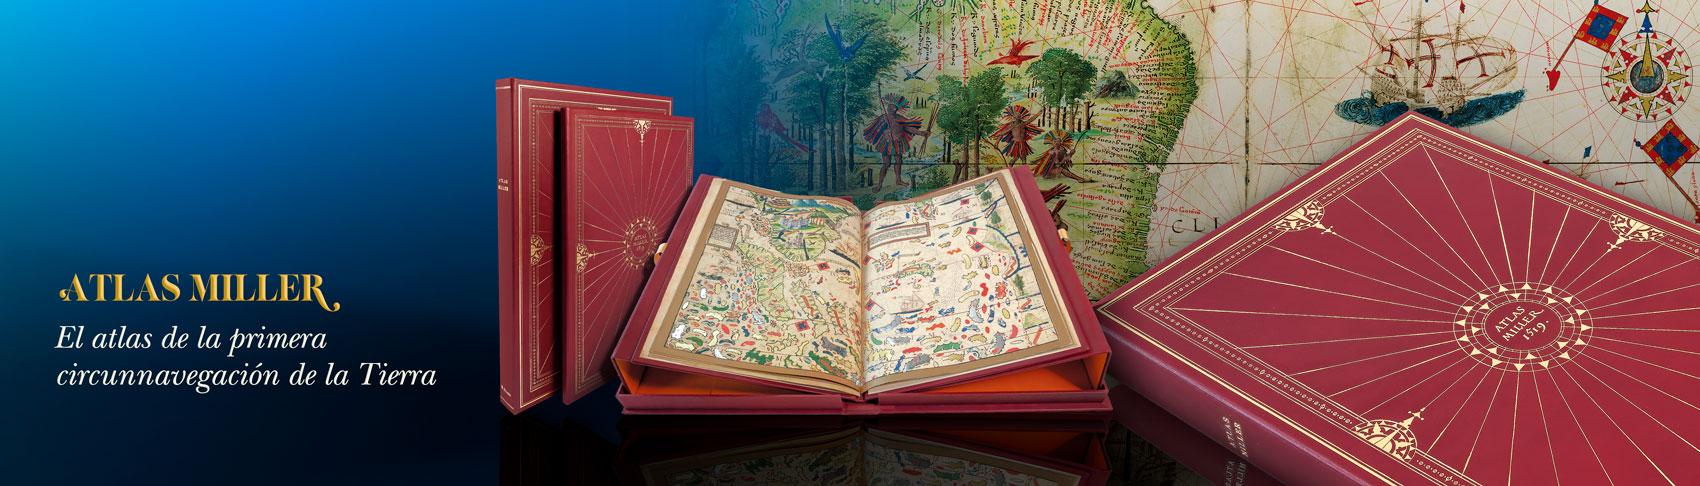 El atlas de la primera circunnavegación de la Tierra